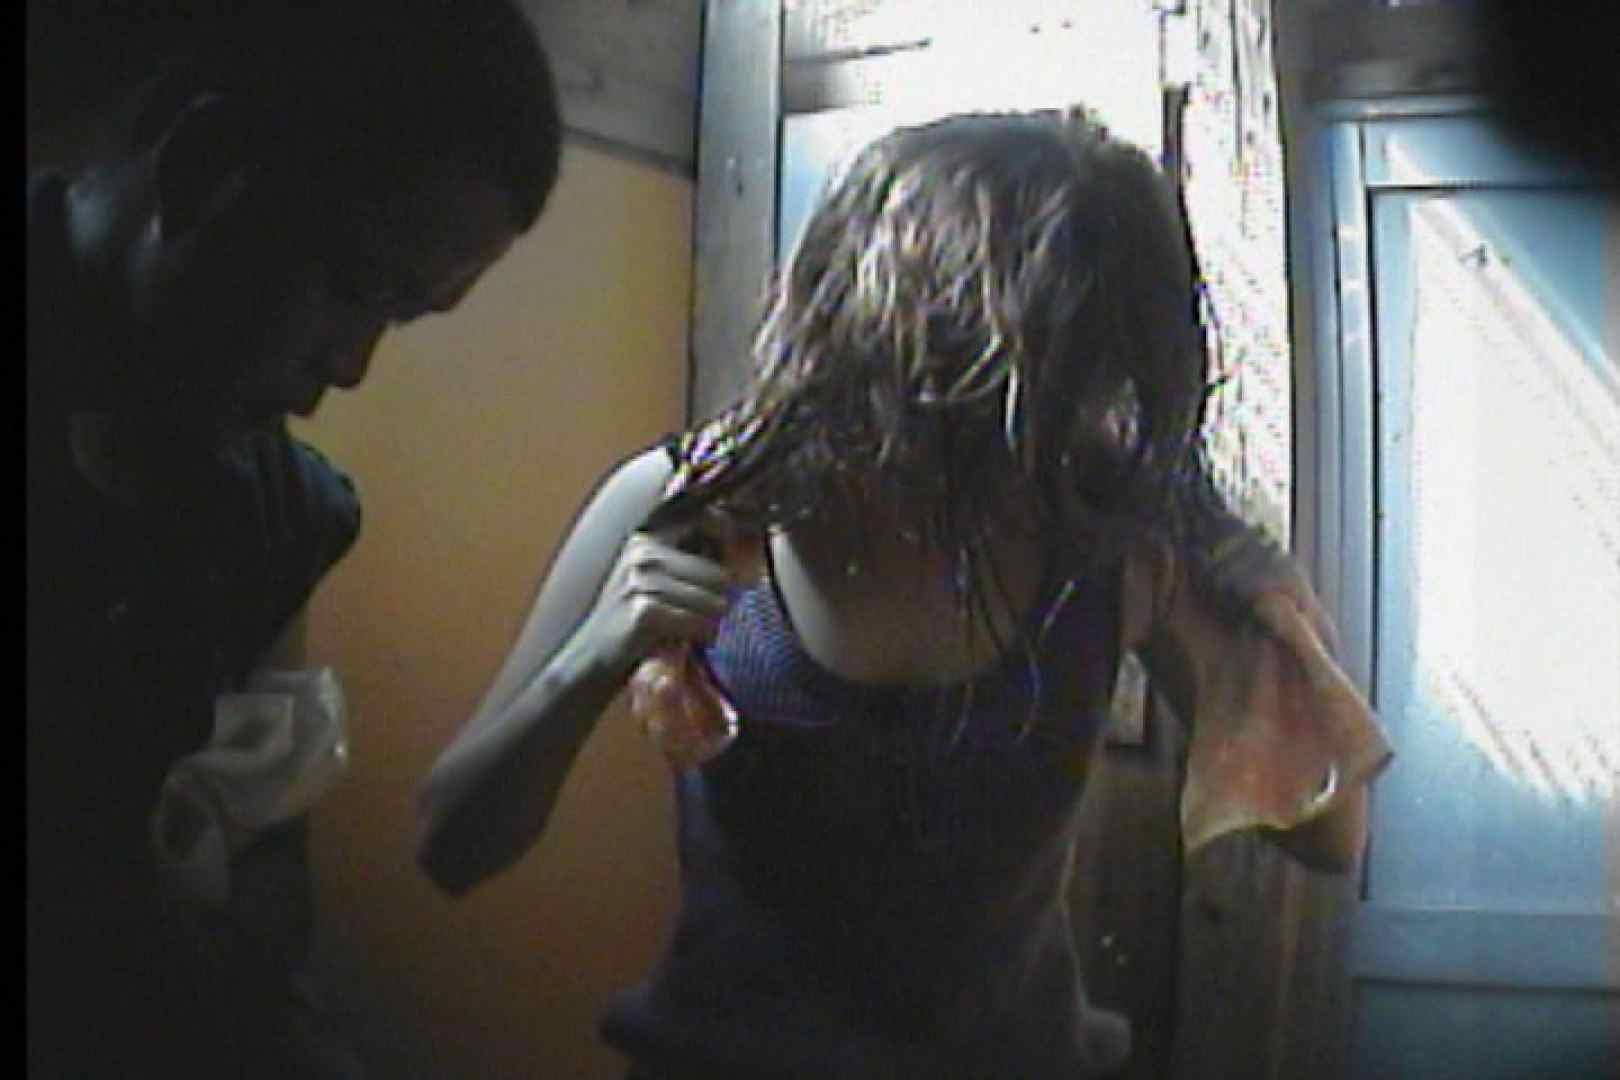 海の家の更衣室 Vol.47 シャワー オマンコ無修正動画無料 76枚 75